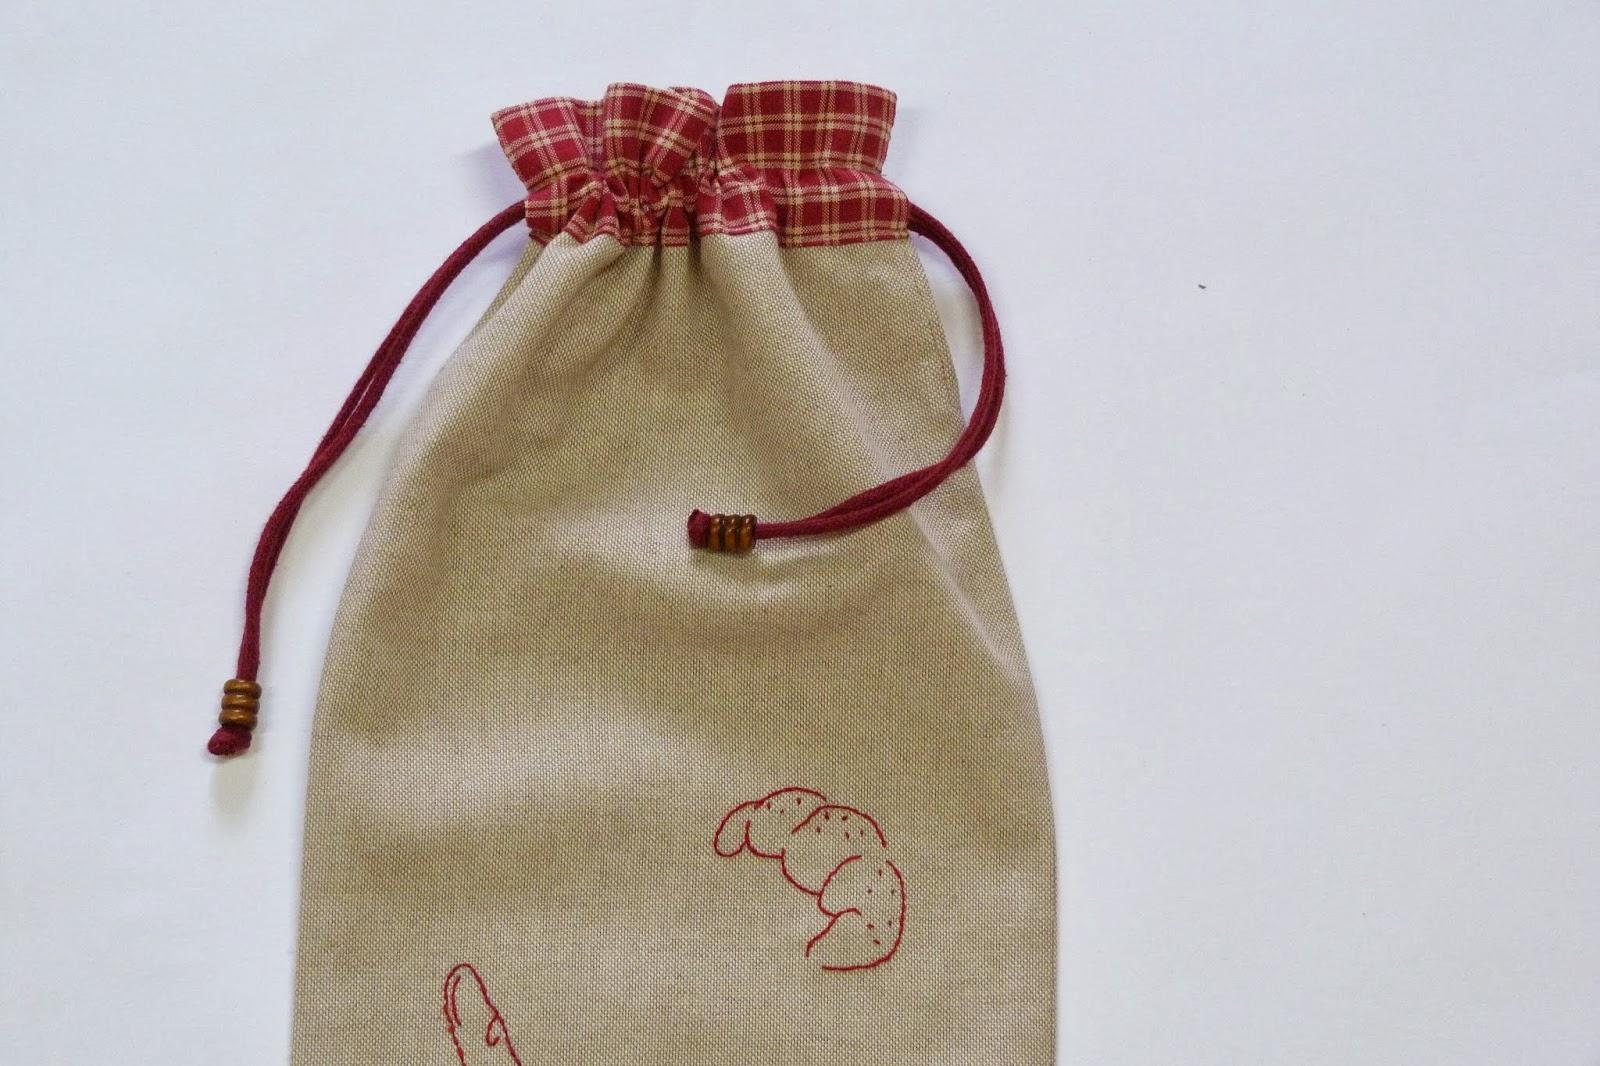 kits de costura sewing box